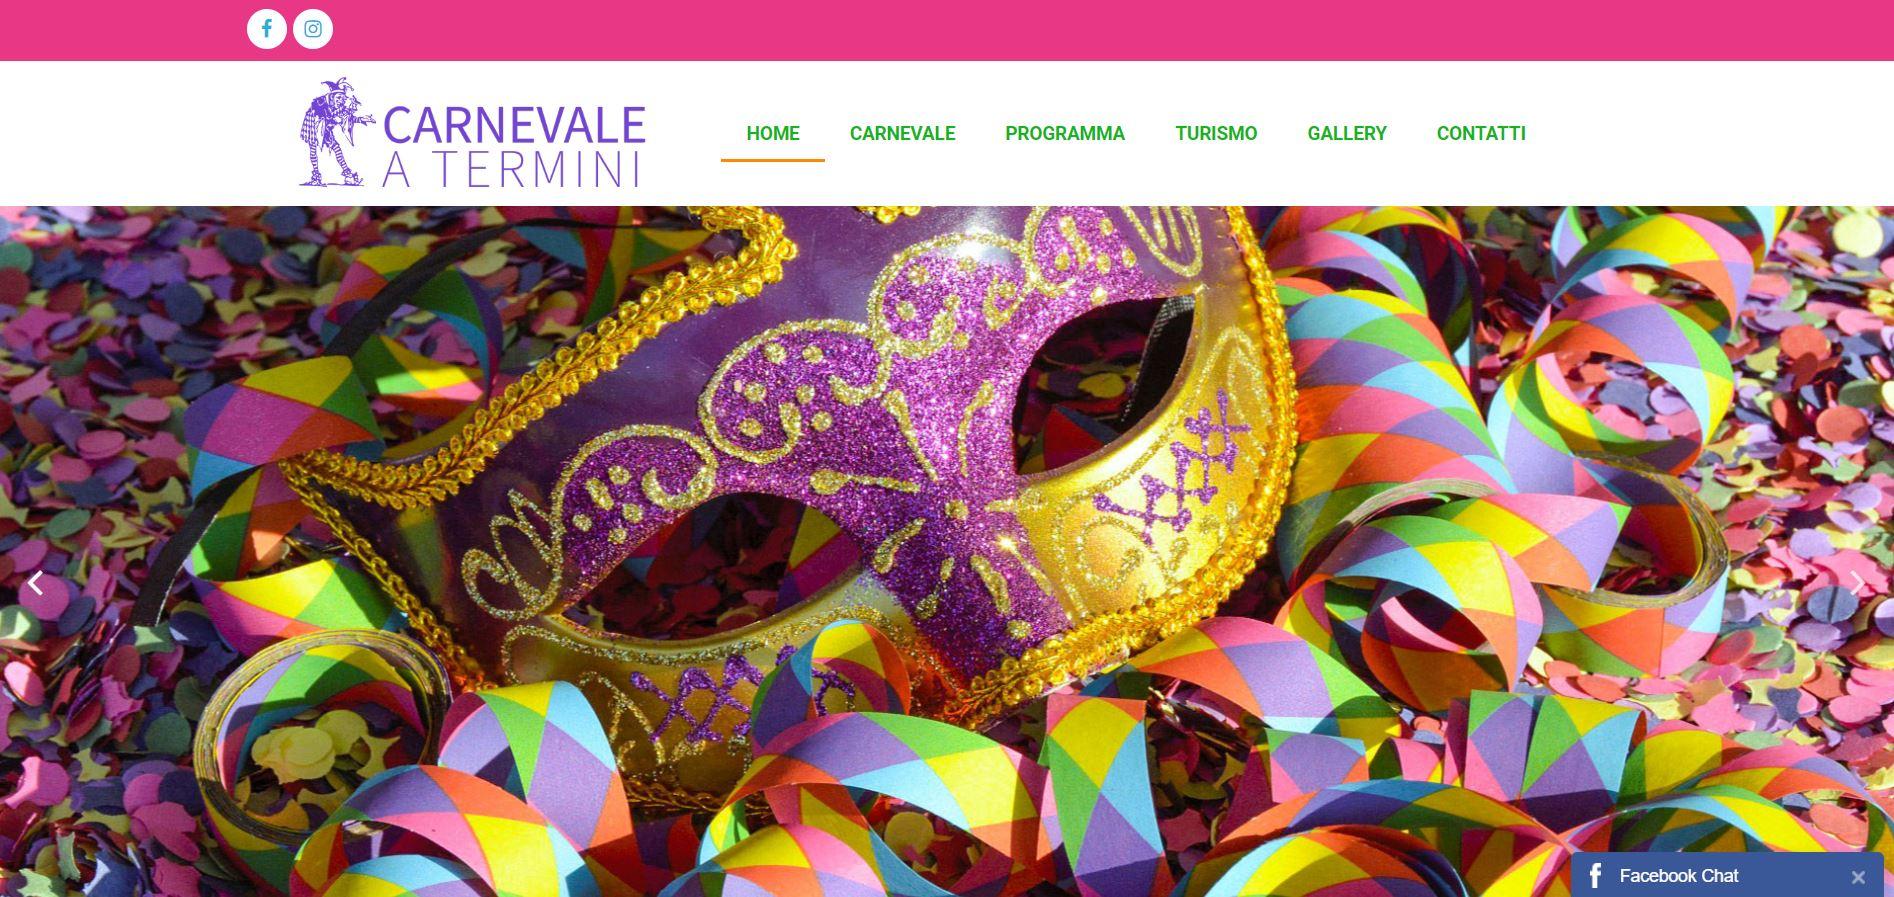 zoomart.net-realizzazione-sito-web-carnevale-a-termini-web-agency-napoli-siti-web-sorrento